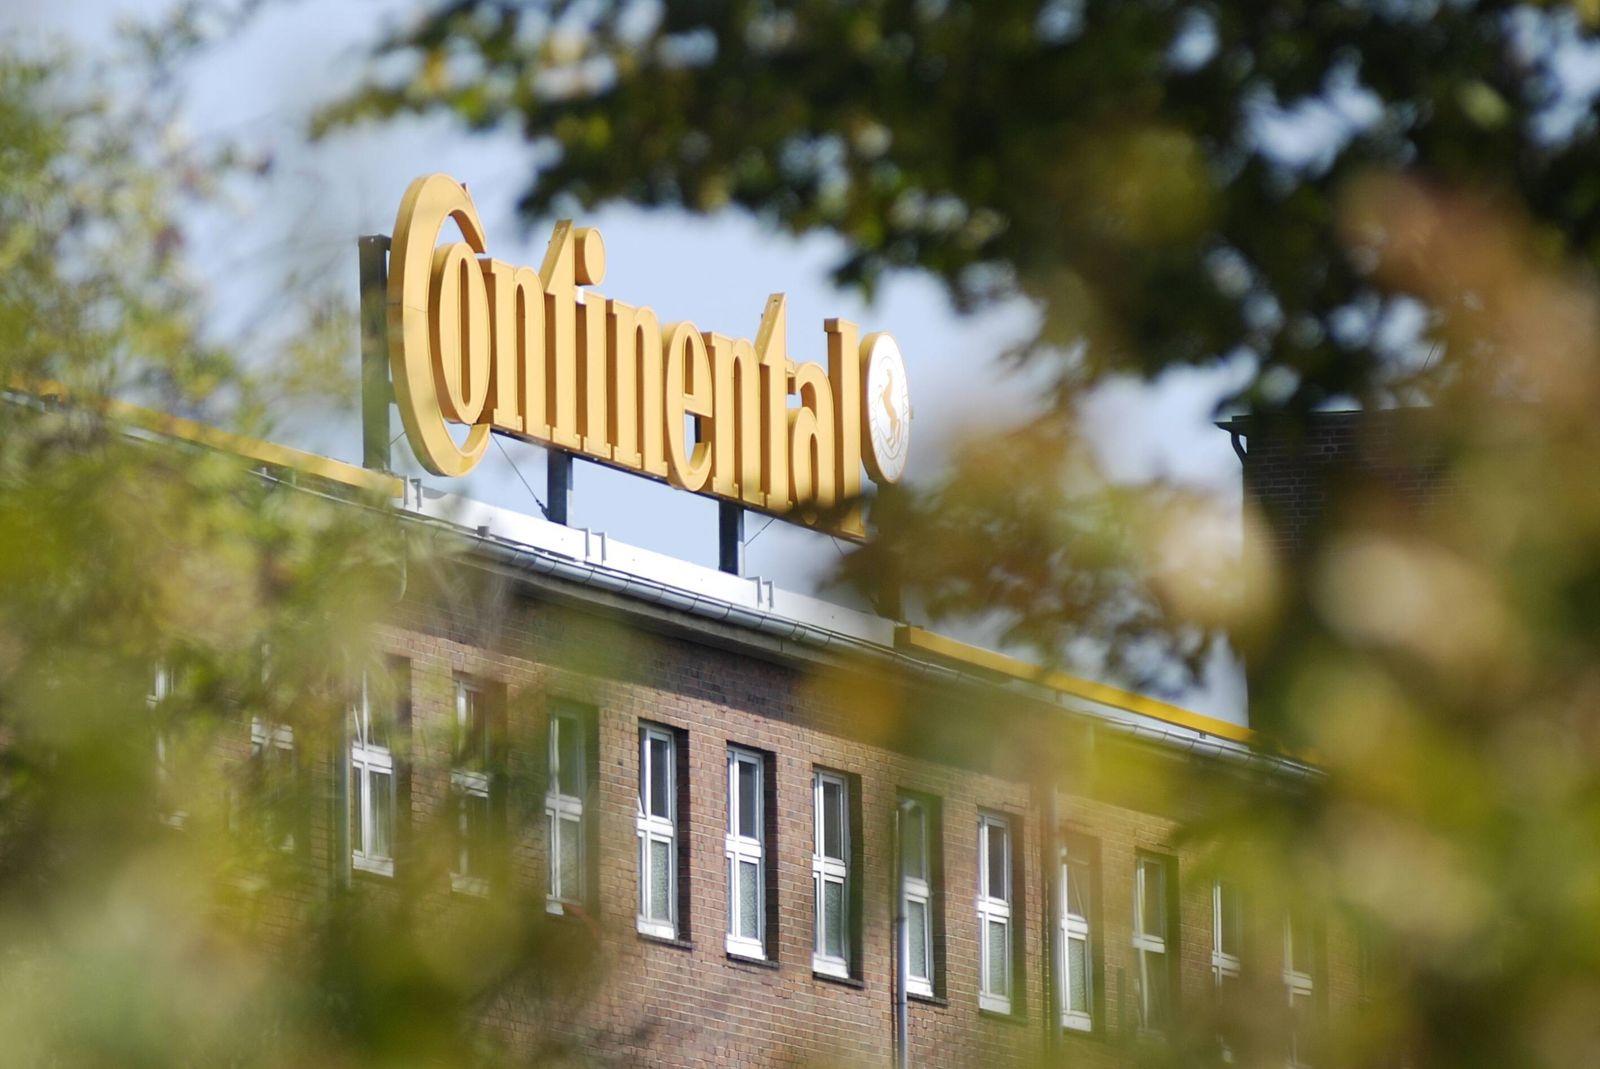 Continental-Werk in Hannover Stöcken 09/09 thg Continental-Werk in Hannover Stöcken am 07. September 2009 Deutschland d